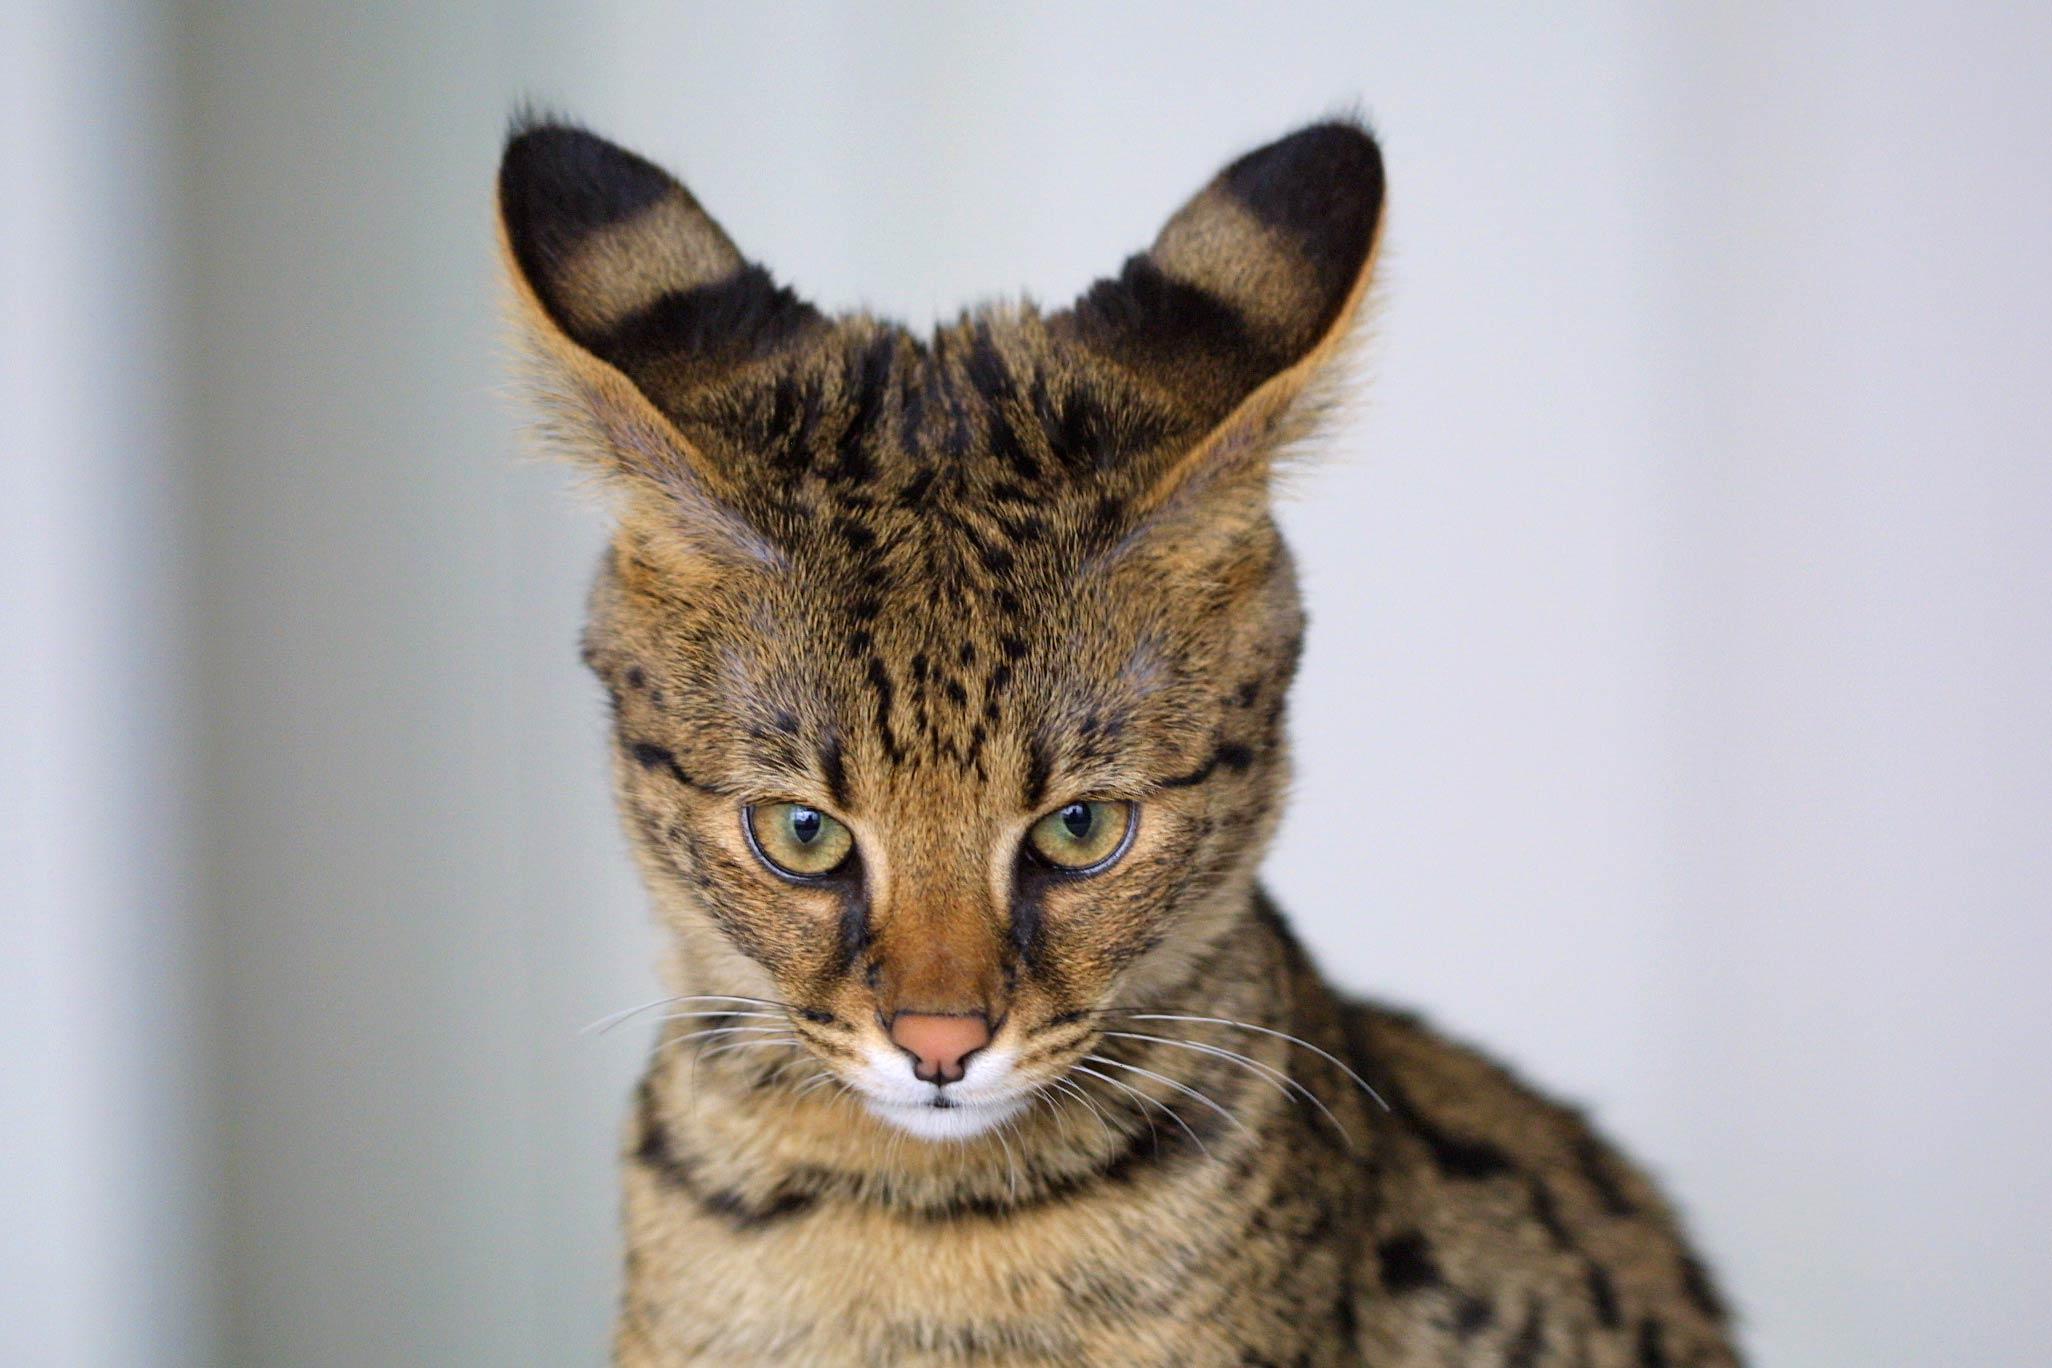 Savannah_Cat_closeup